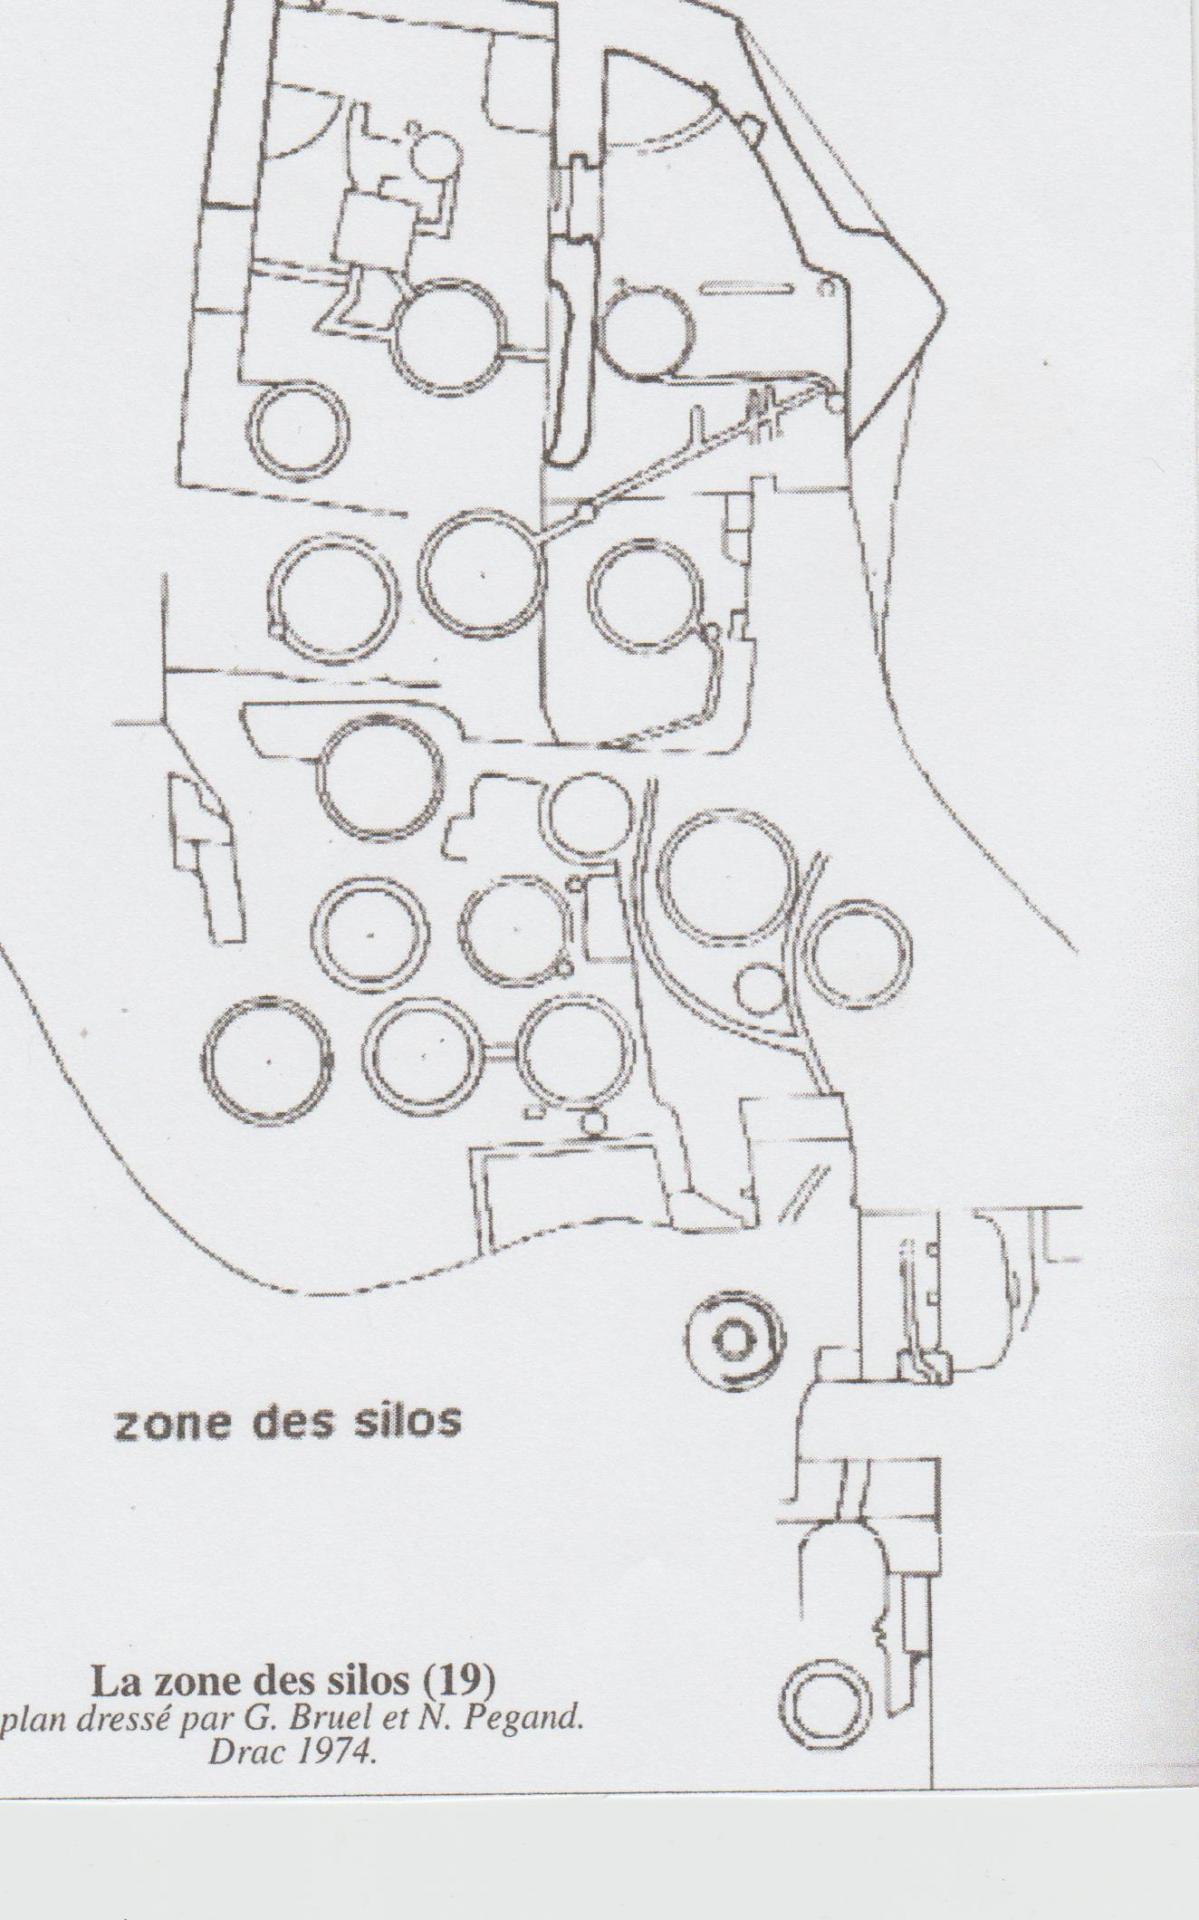 Fort de buoux photo plan des silos 001